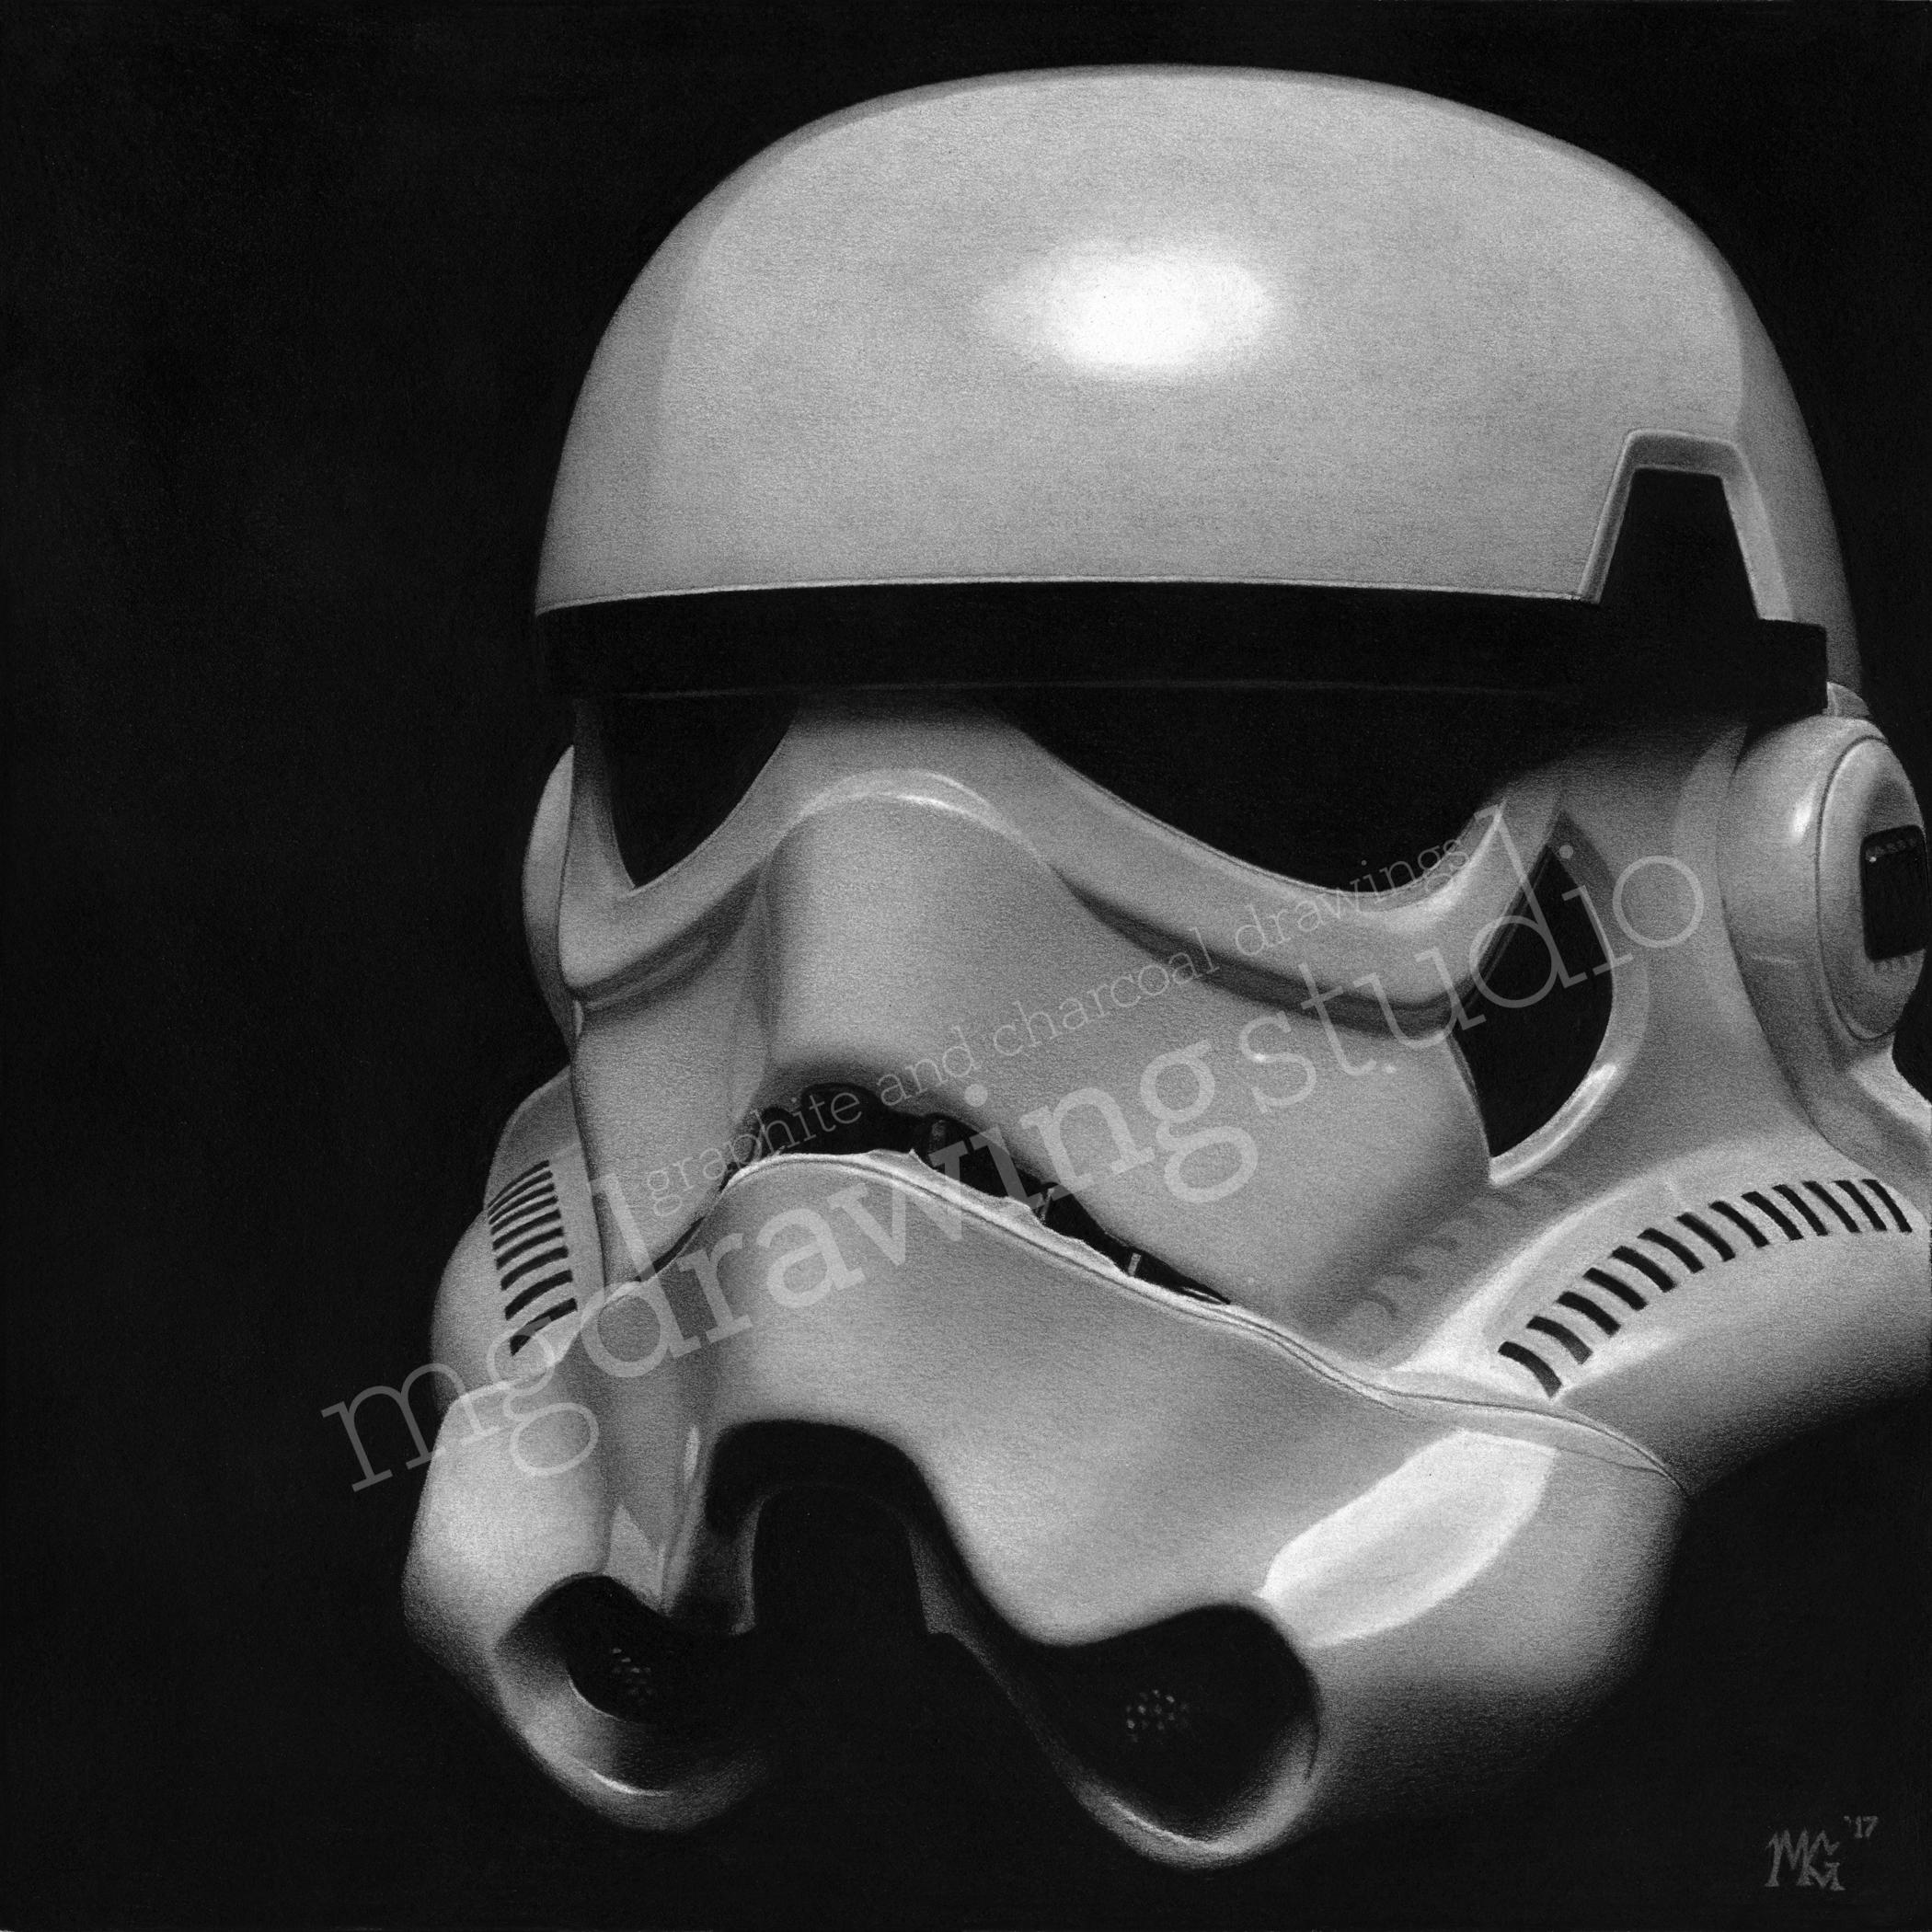 StormTrooper_14x14_wtrmrk_mgdrawingstudio.jpg